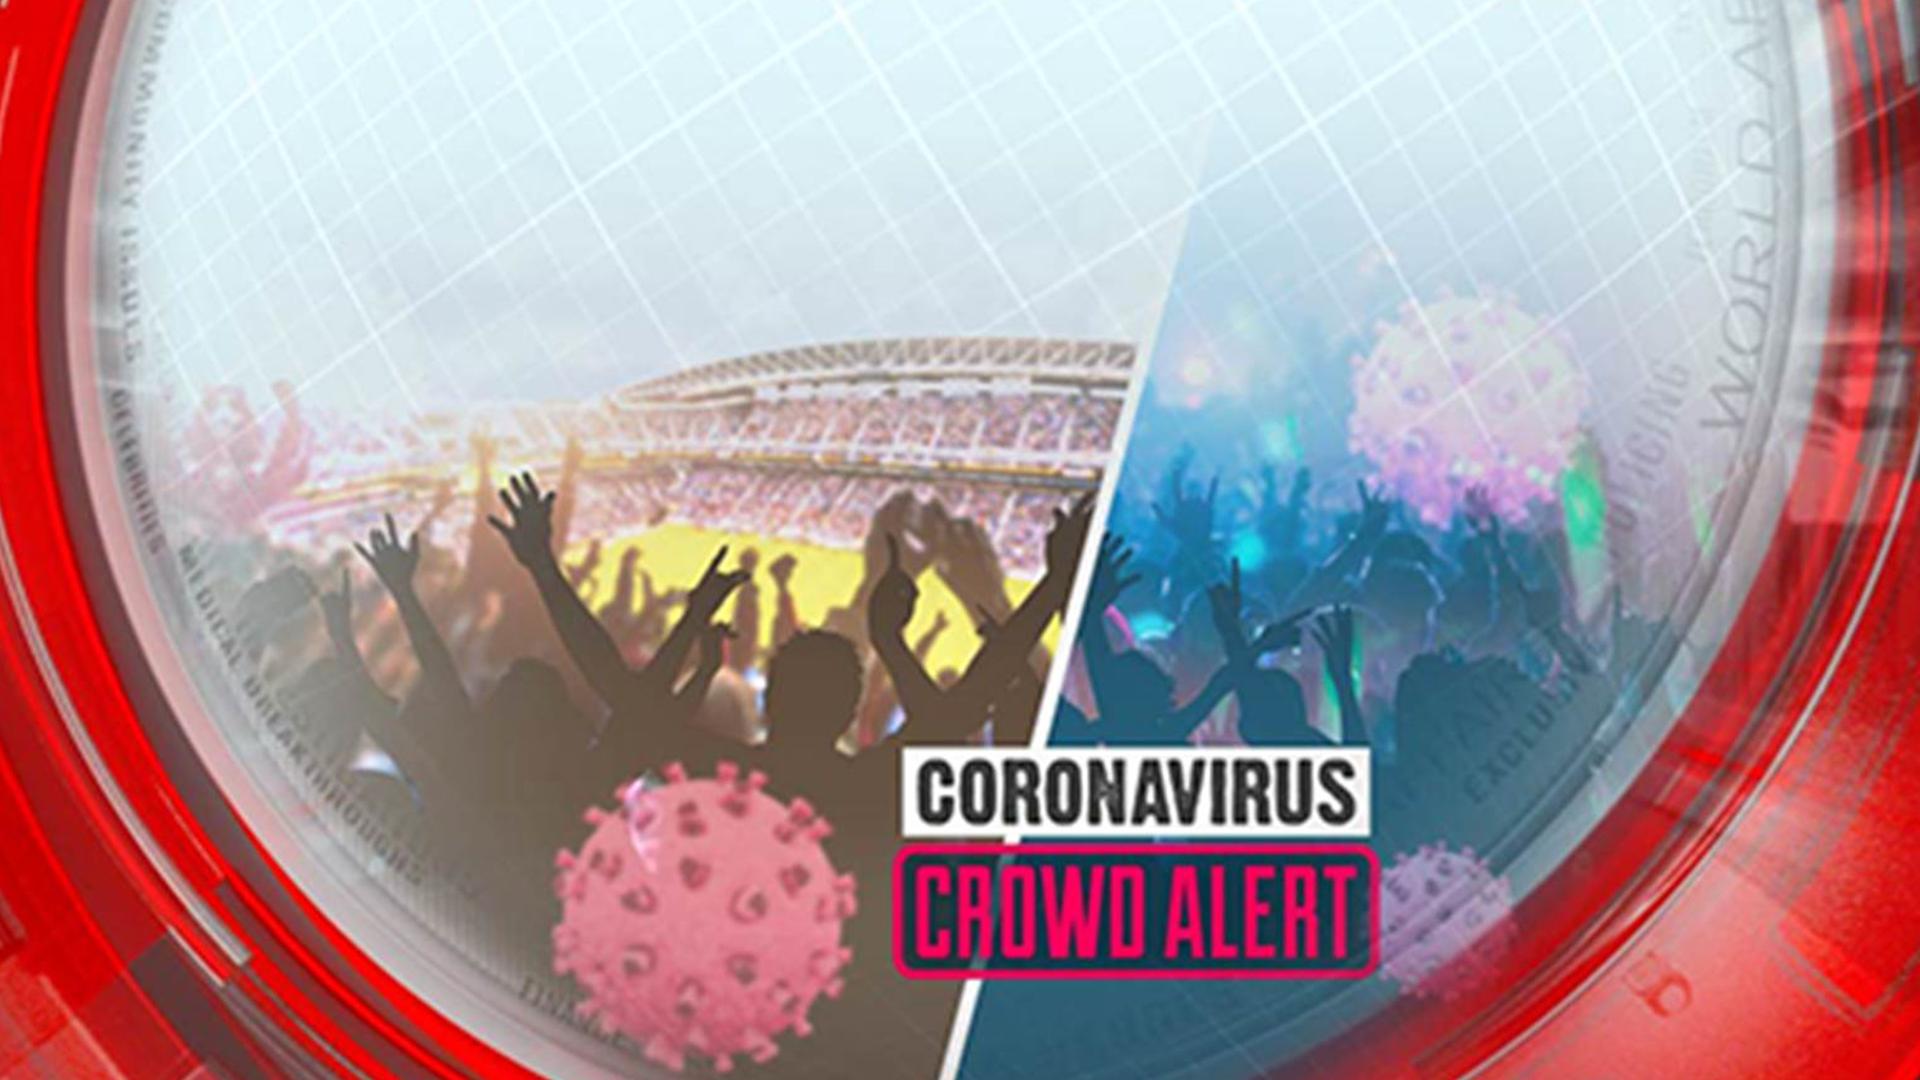 Coronavirus crowd alert